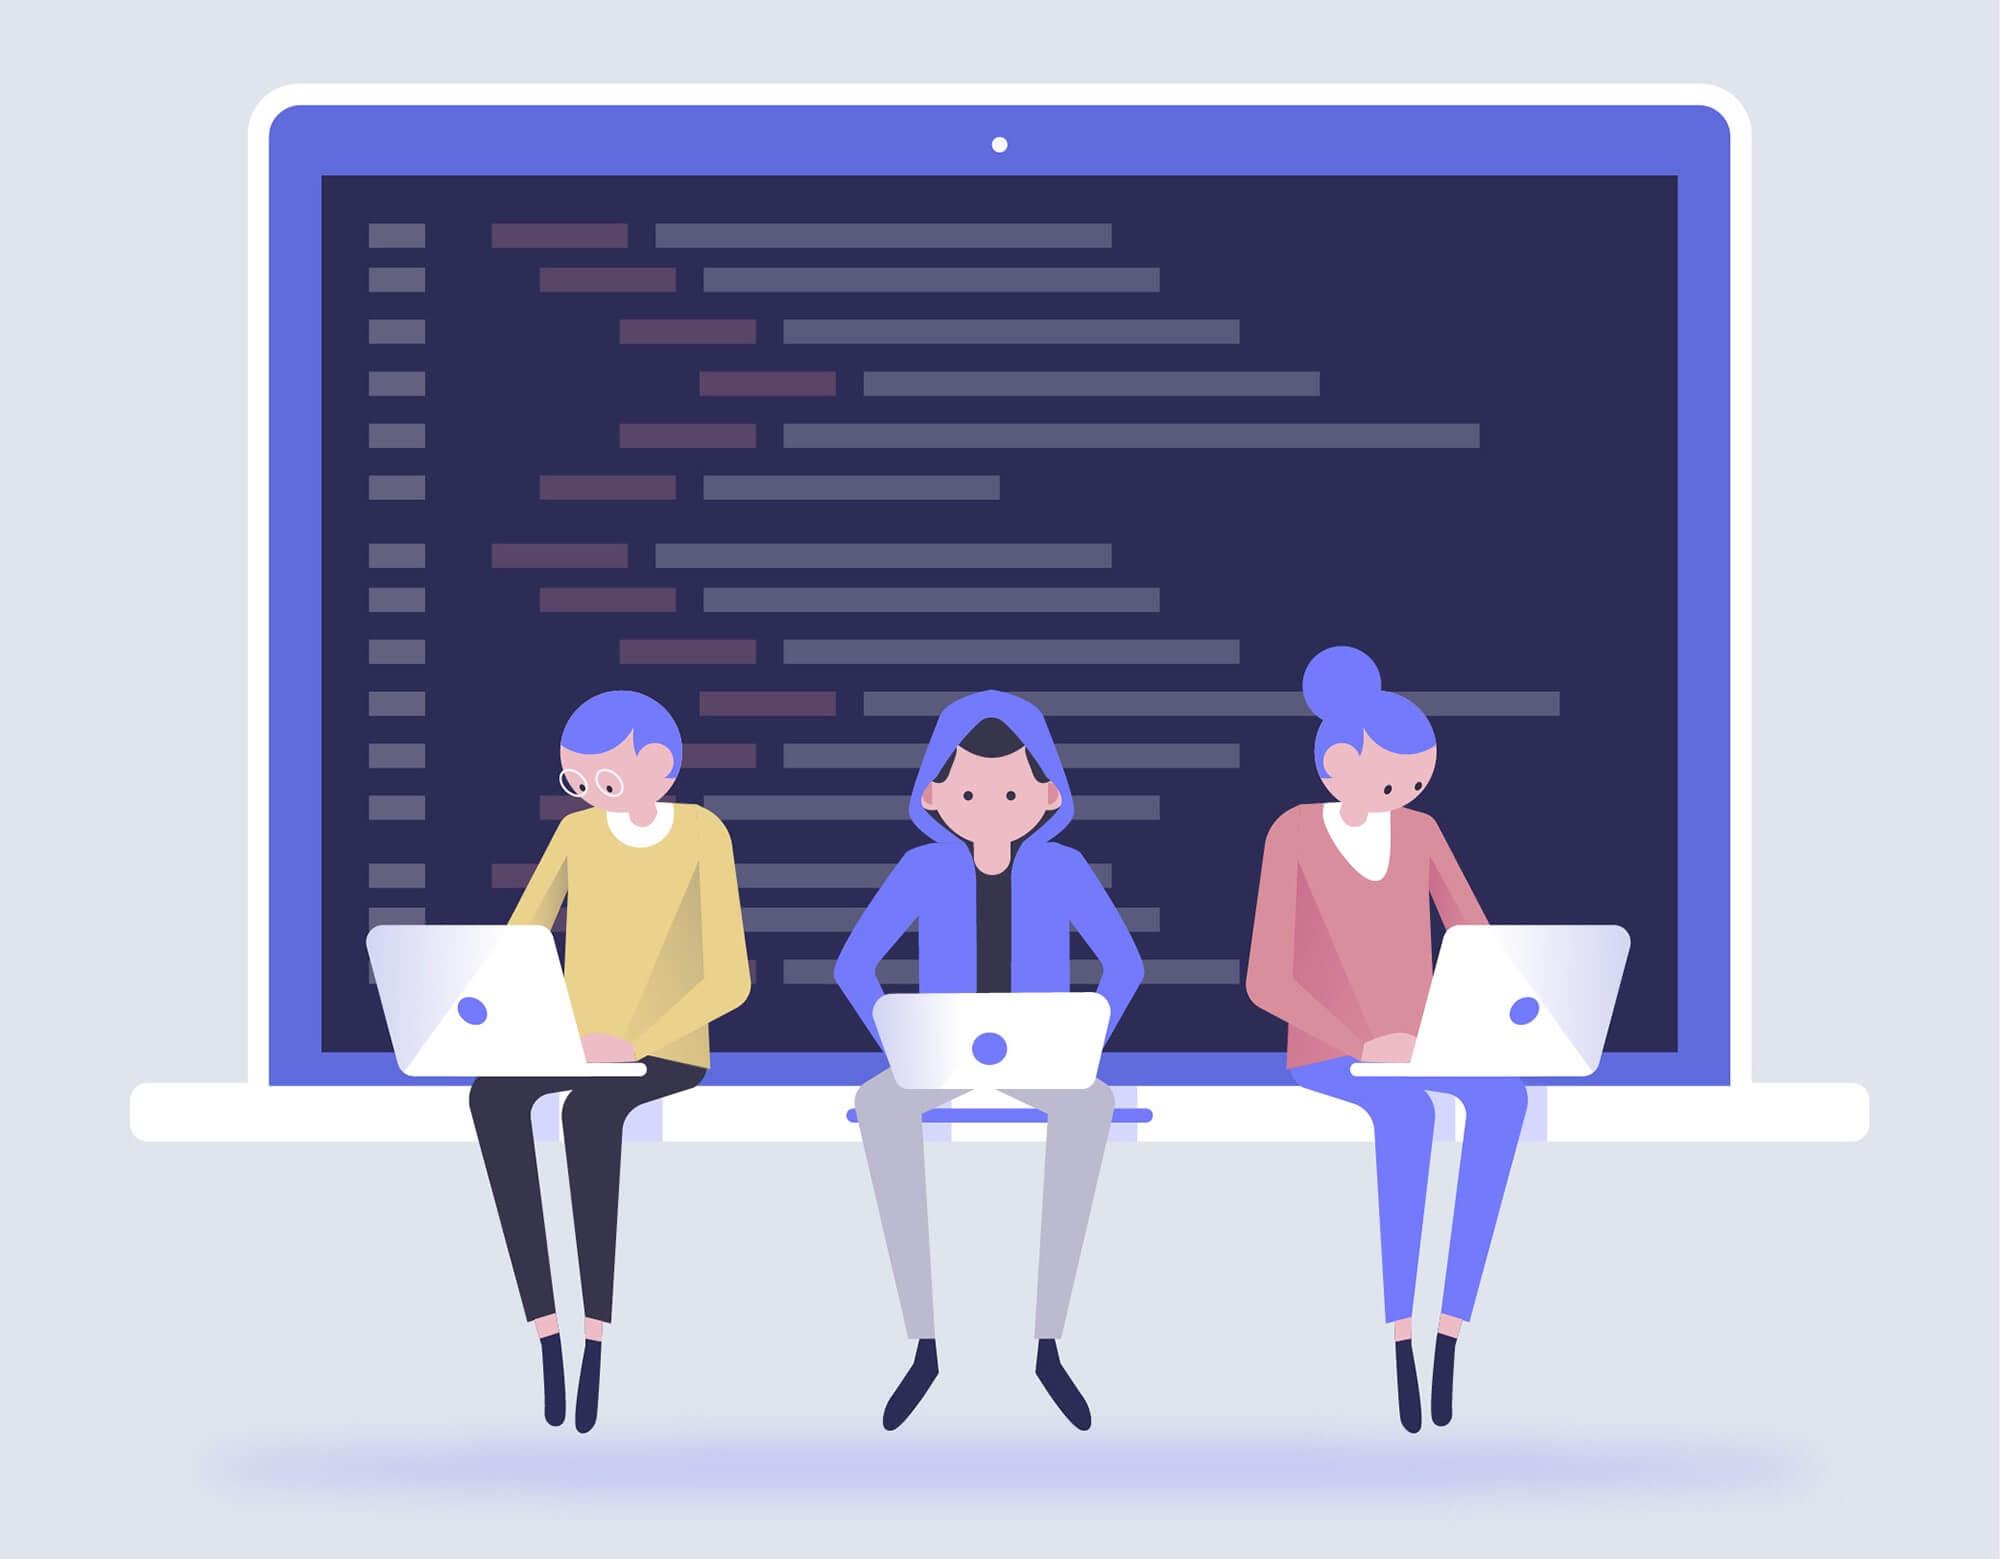 プログラミング学習に年齢は関係ない